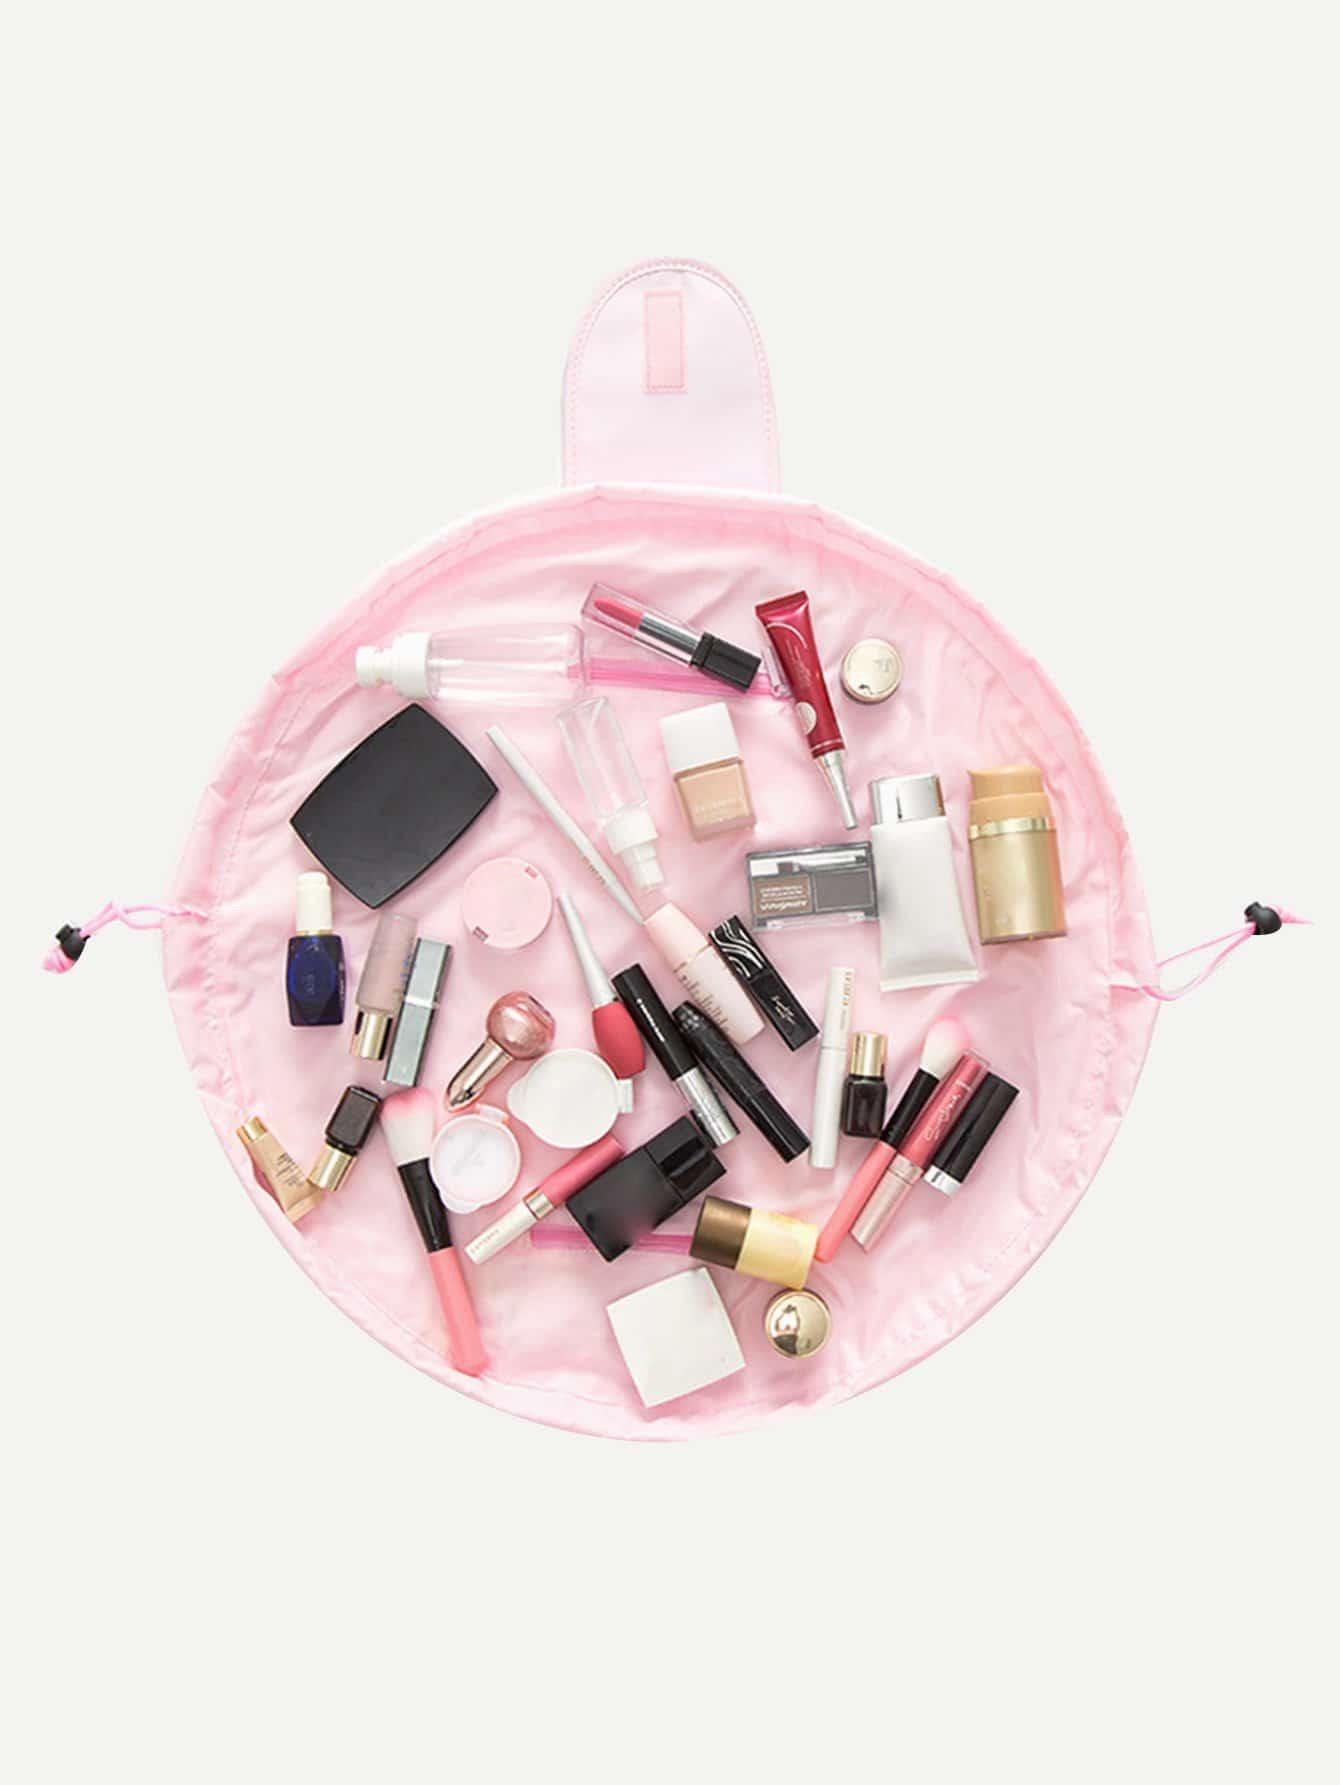 Drawstring Wrap Around Makeup Bag drawstring wrap around makeup bag